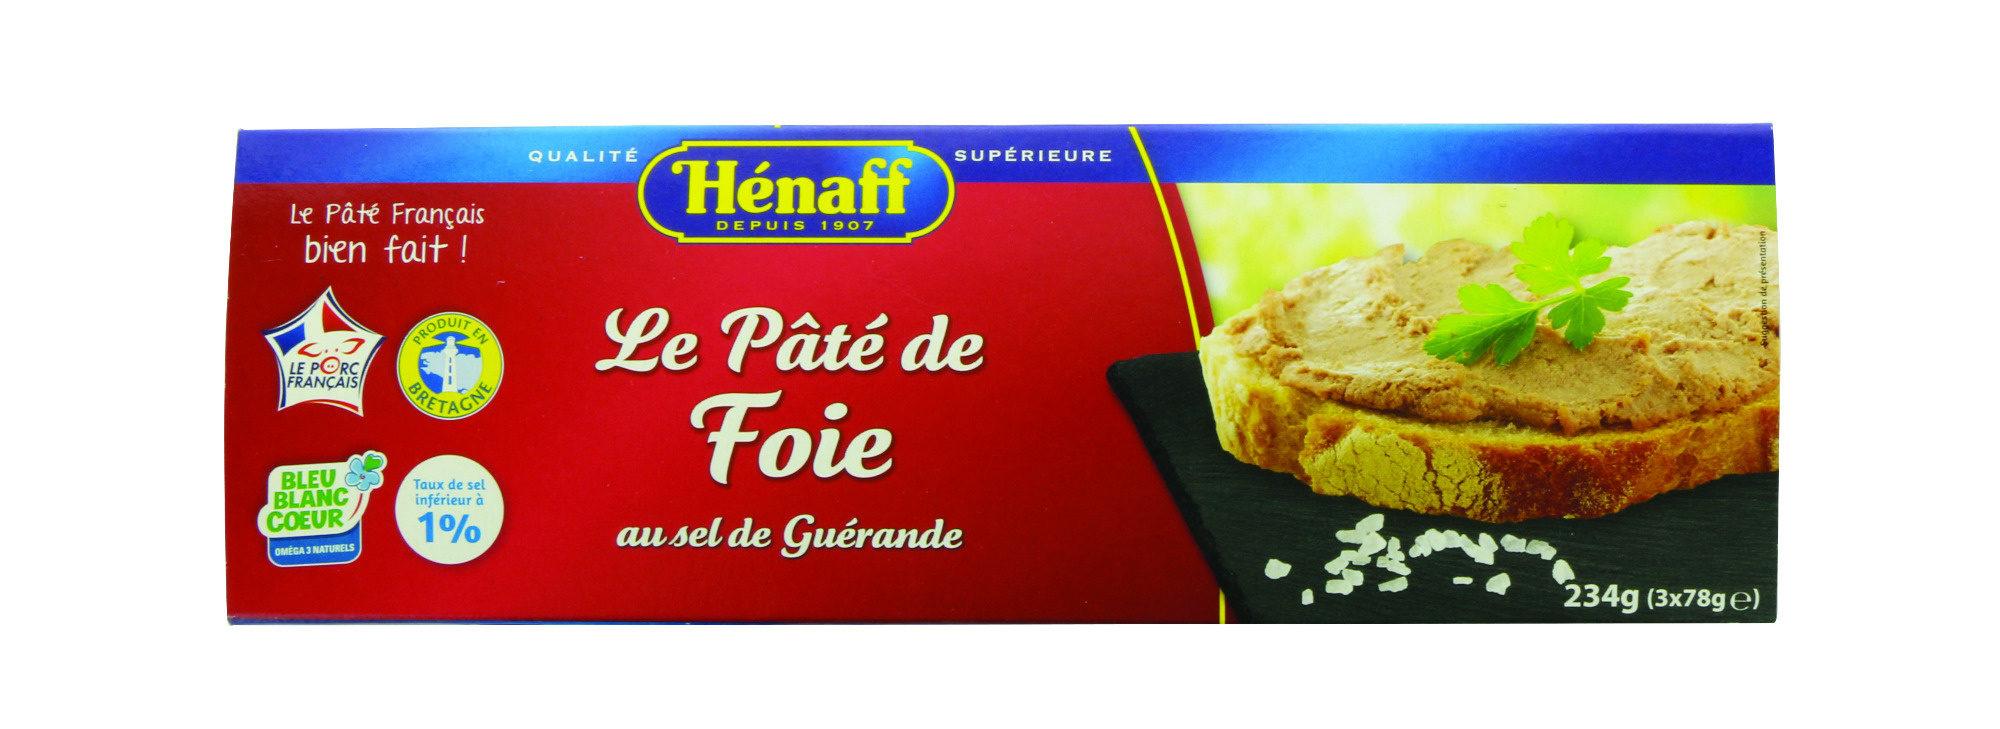 Le Pâté de Foie au sel de guerande - Product